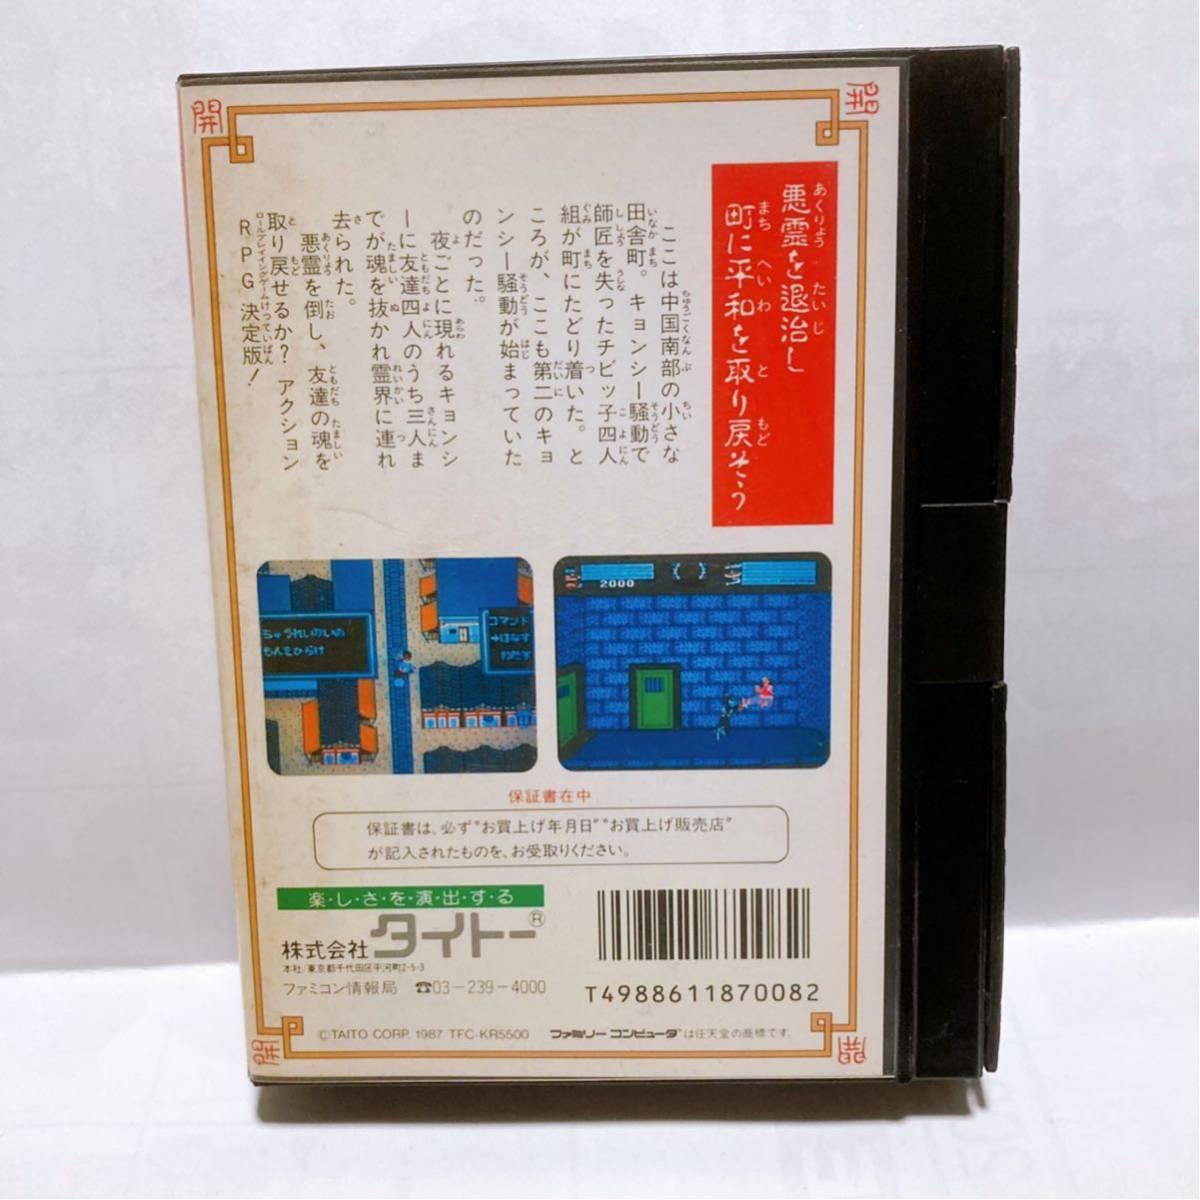 ファミコン キョンシーズ2 【ファミリーコンピュータ FC】